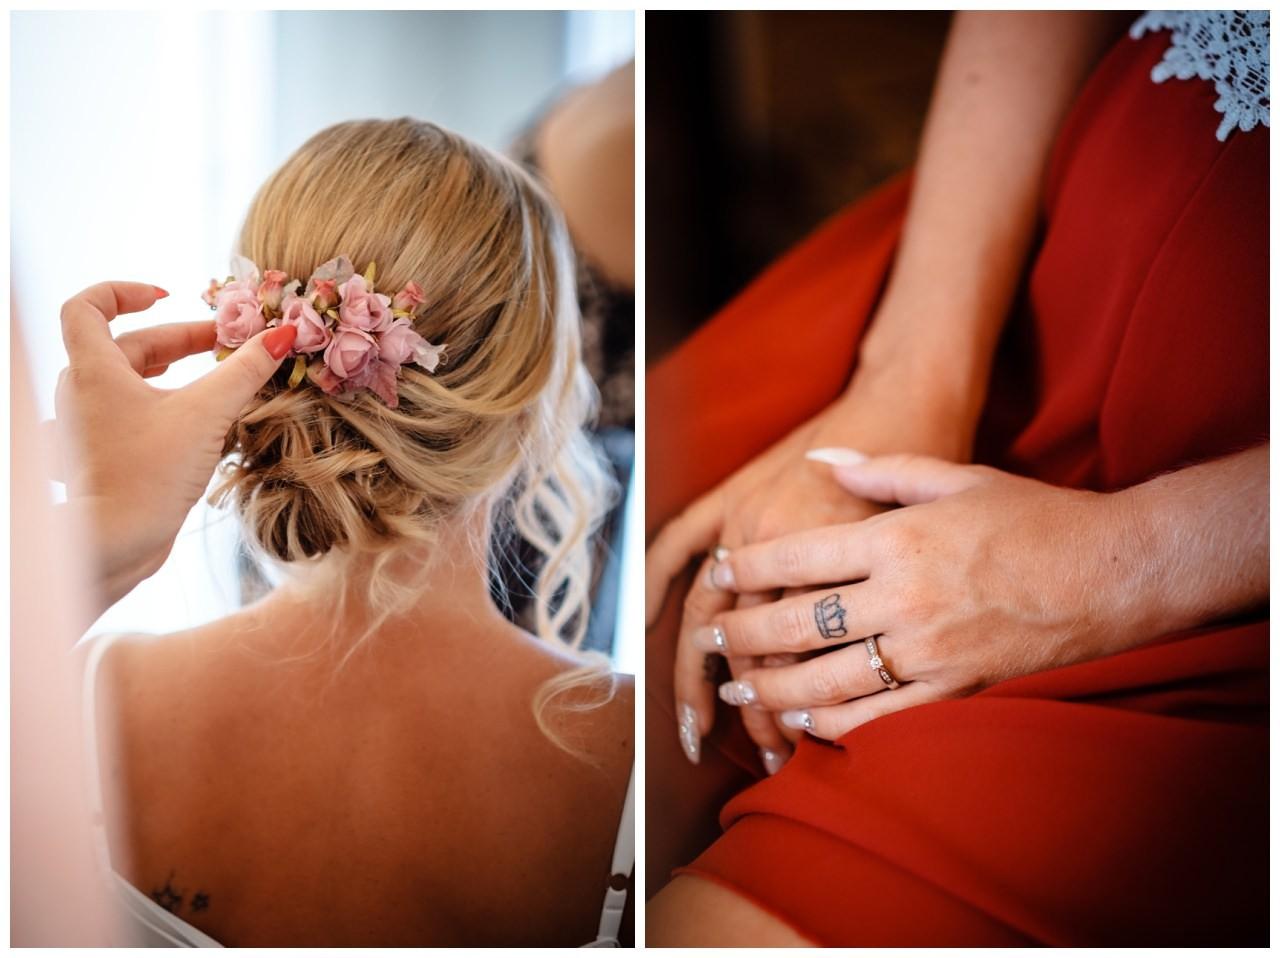 Hochzeit kroatien hochzeitsfotograf hochzeitsfotos 10 - Hochzeit in Kroatien